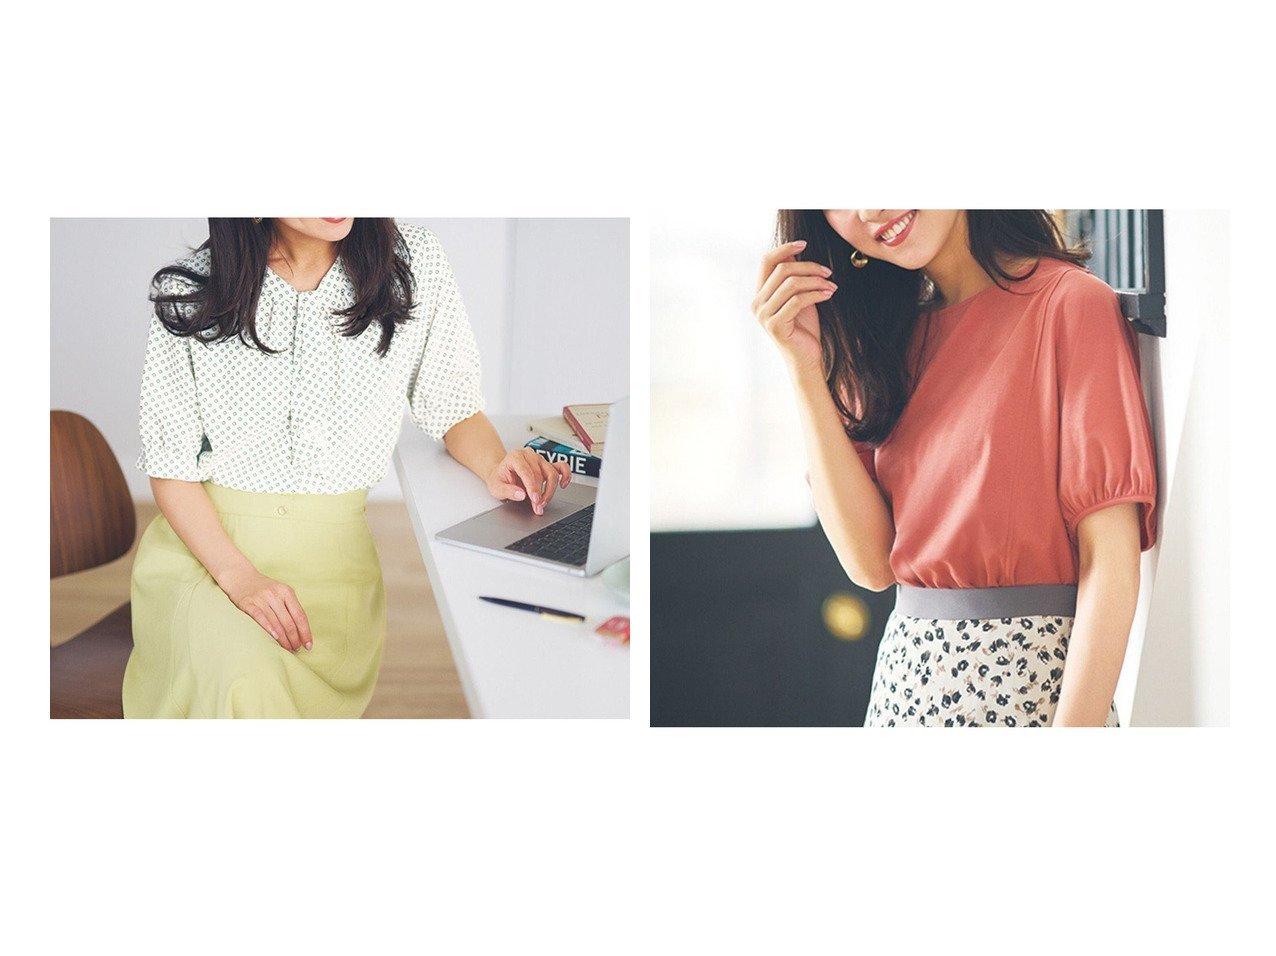 【any SiS/エニィ スィス】の【UVケア】ヒーリングカラー ドルマンスリーブ Tシャツ&【洗える】トロミ ボウタイ ブラウス 【トップス・カットソー】おすすめ!人気、トレンド・レディースファッションの通販 おすすめで人気の流行・トレンド、ファッションの通販商品 インテリア・家具・メンズファッション・キッズファッション・レディースファッション・服の通販 founy(ファニー) https://founy.com/ ファッション Fashion レディースファッション WOMEN トップス・カットソー Tops/Tshirt シャツ/ブラウス Shirts/Blouses ロング / Tシャツ T-Shirts カットソー Cut and Sewn 送料無料 Free Shipping おすすめ Recommend ジャケット フロント プリント 洗える カットソー スリット スリーブ トレンド バランス 切替 楽ちん |ID:crp329100000041793